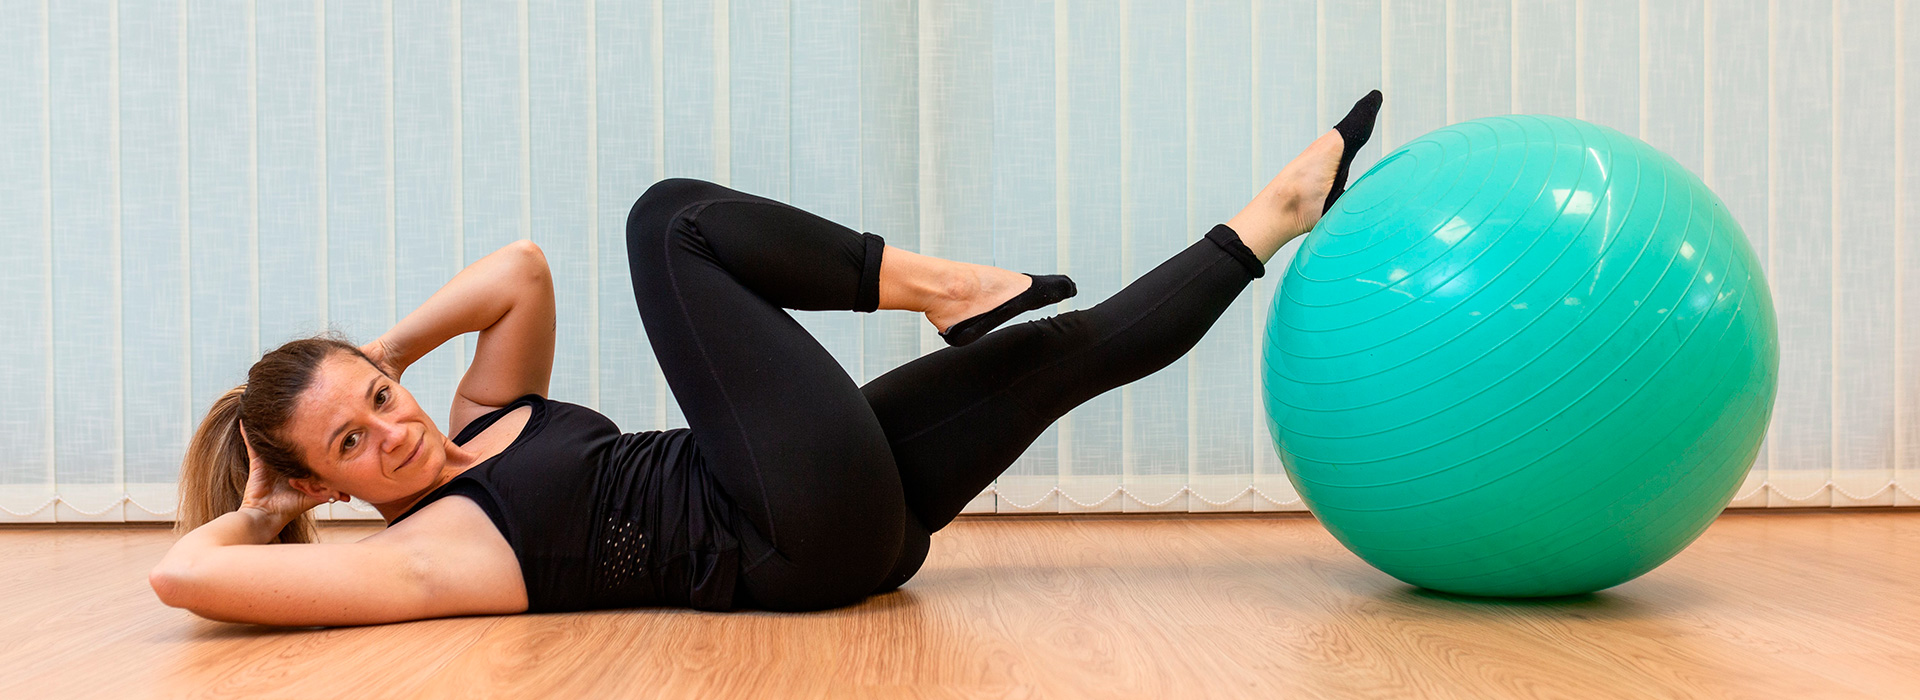 slider-pilates